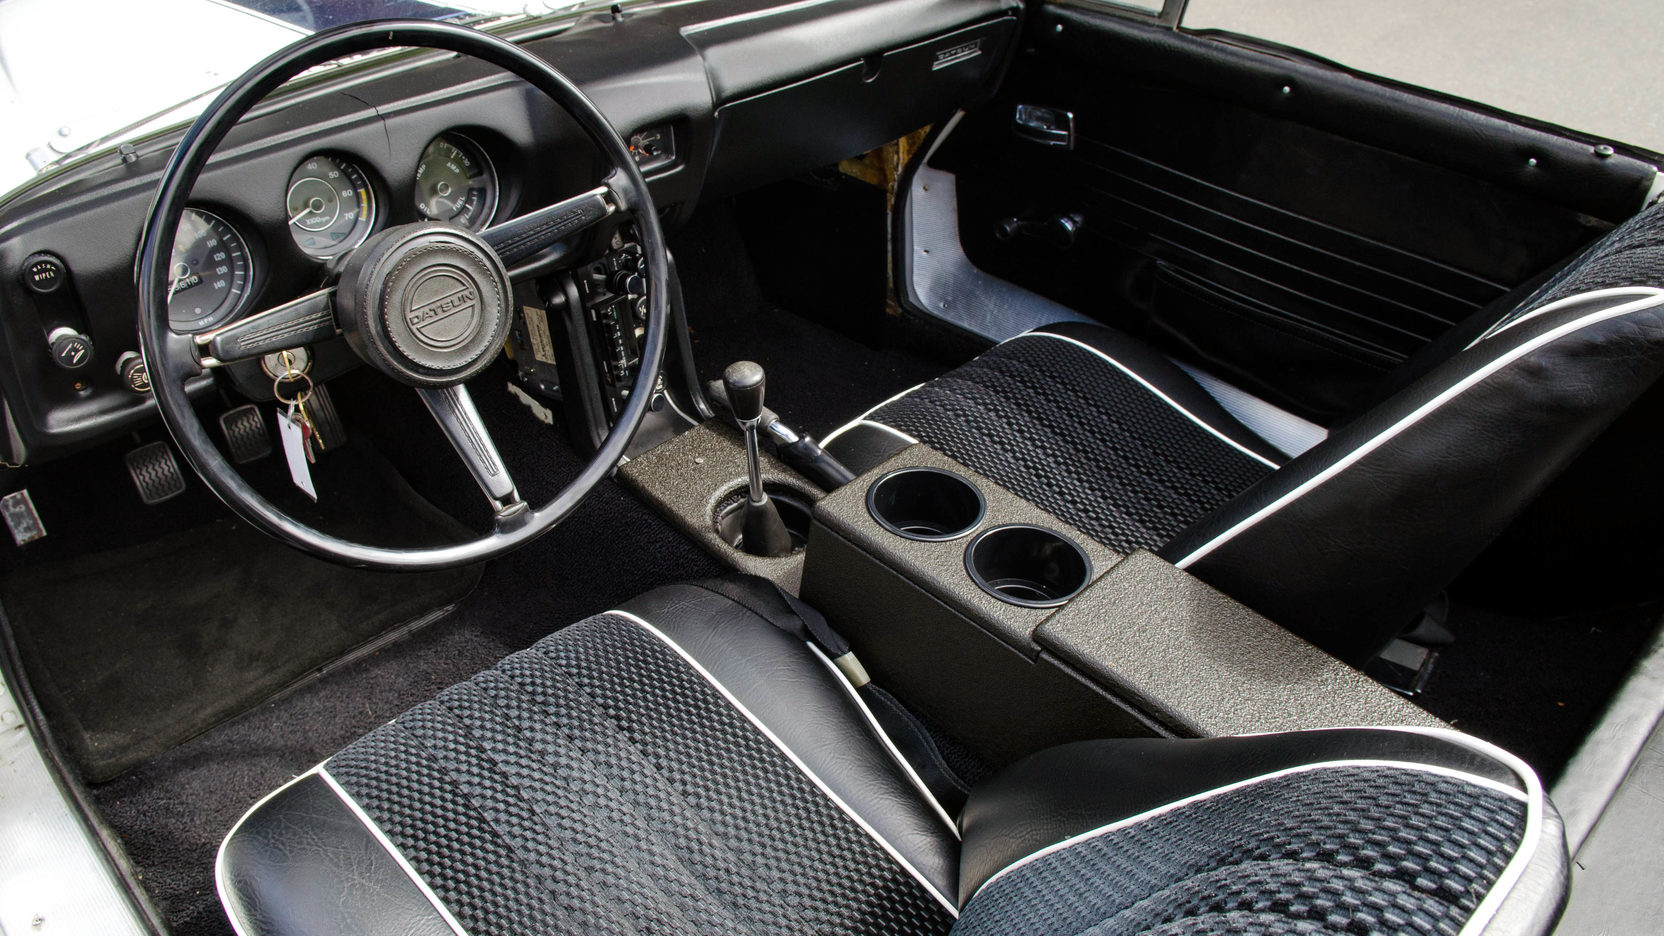 1970 Datsun 1600 interior